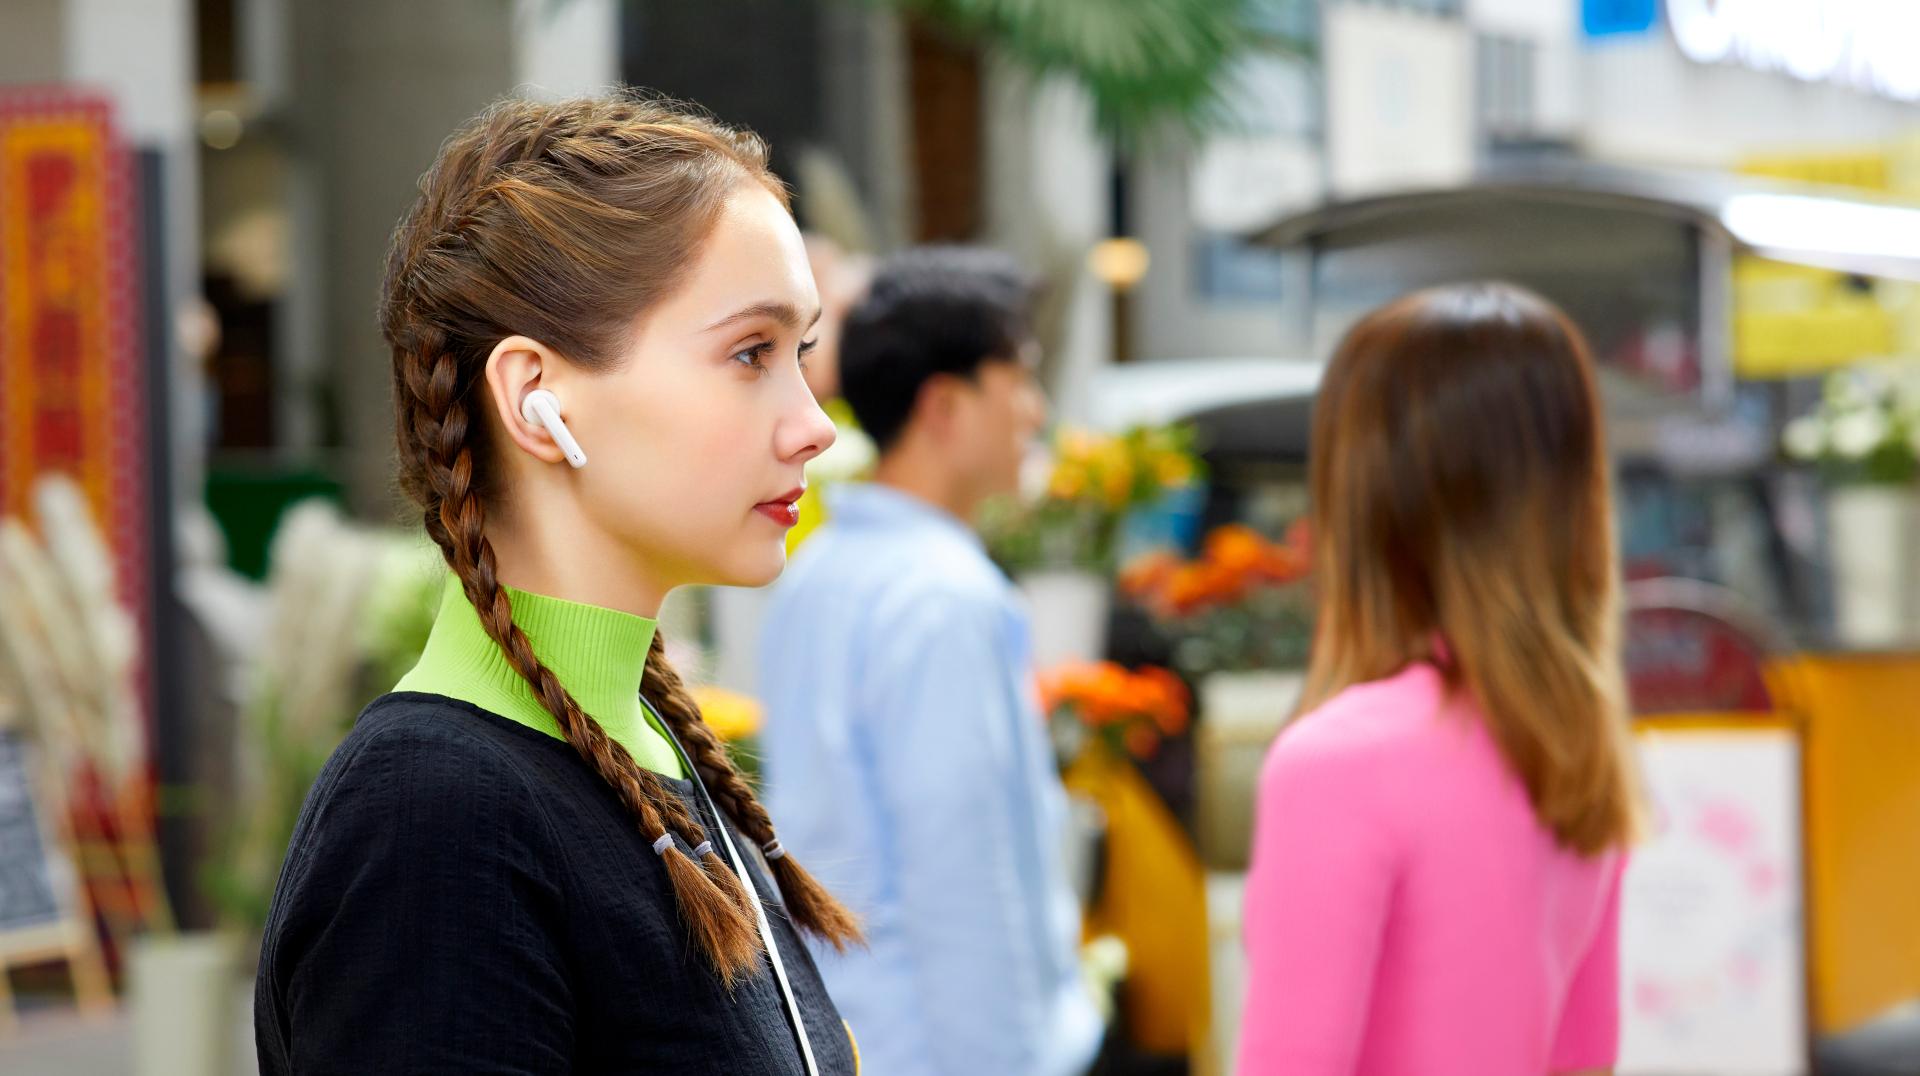 Huawei dijeli 20 FreeBuds 4i slušalica u plesnom izazovu na TikToku